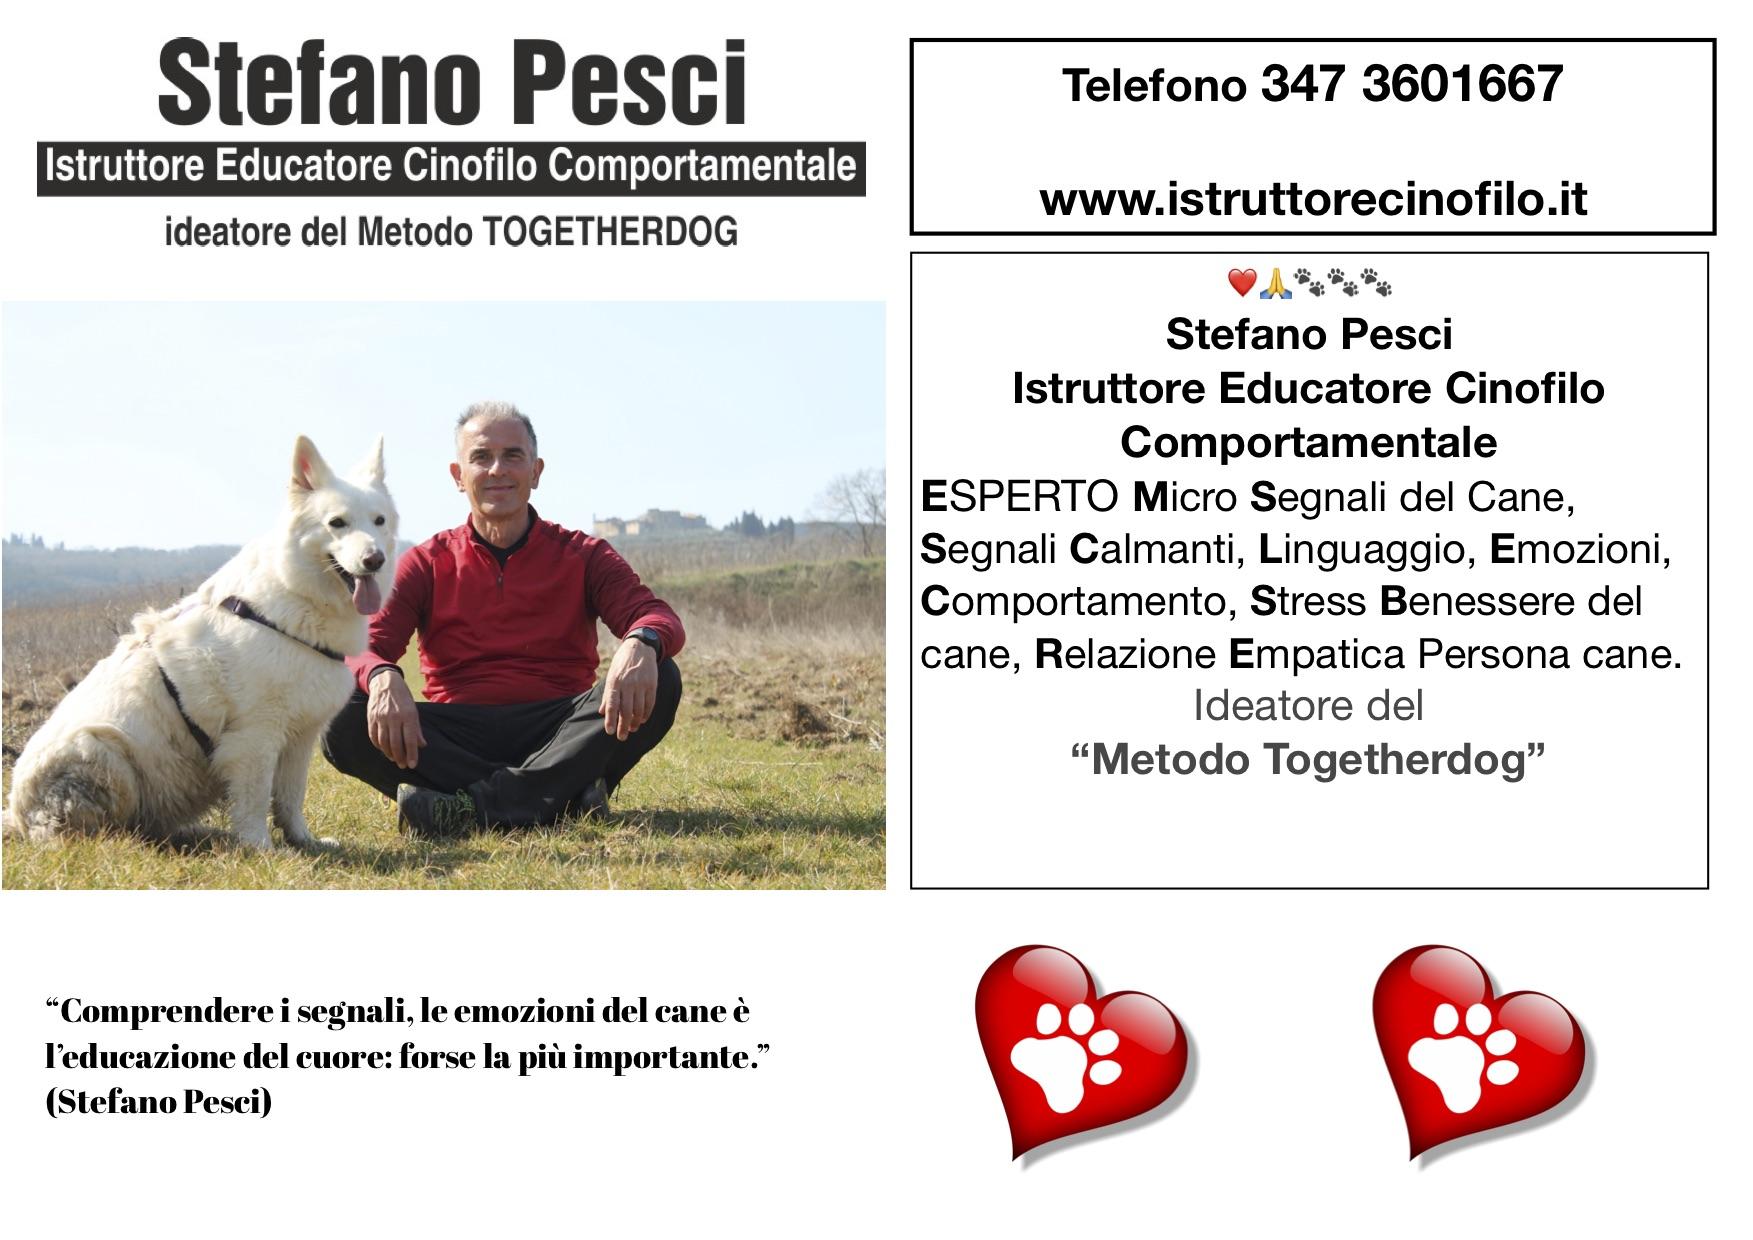 Posso Insegnarti Tante Belle Cose - Stefano Pesci istruttore Educatore Cinofilo Comportamentale